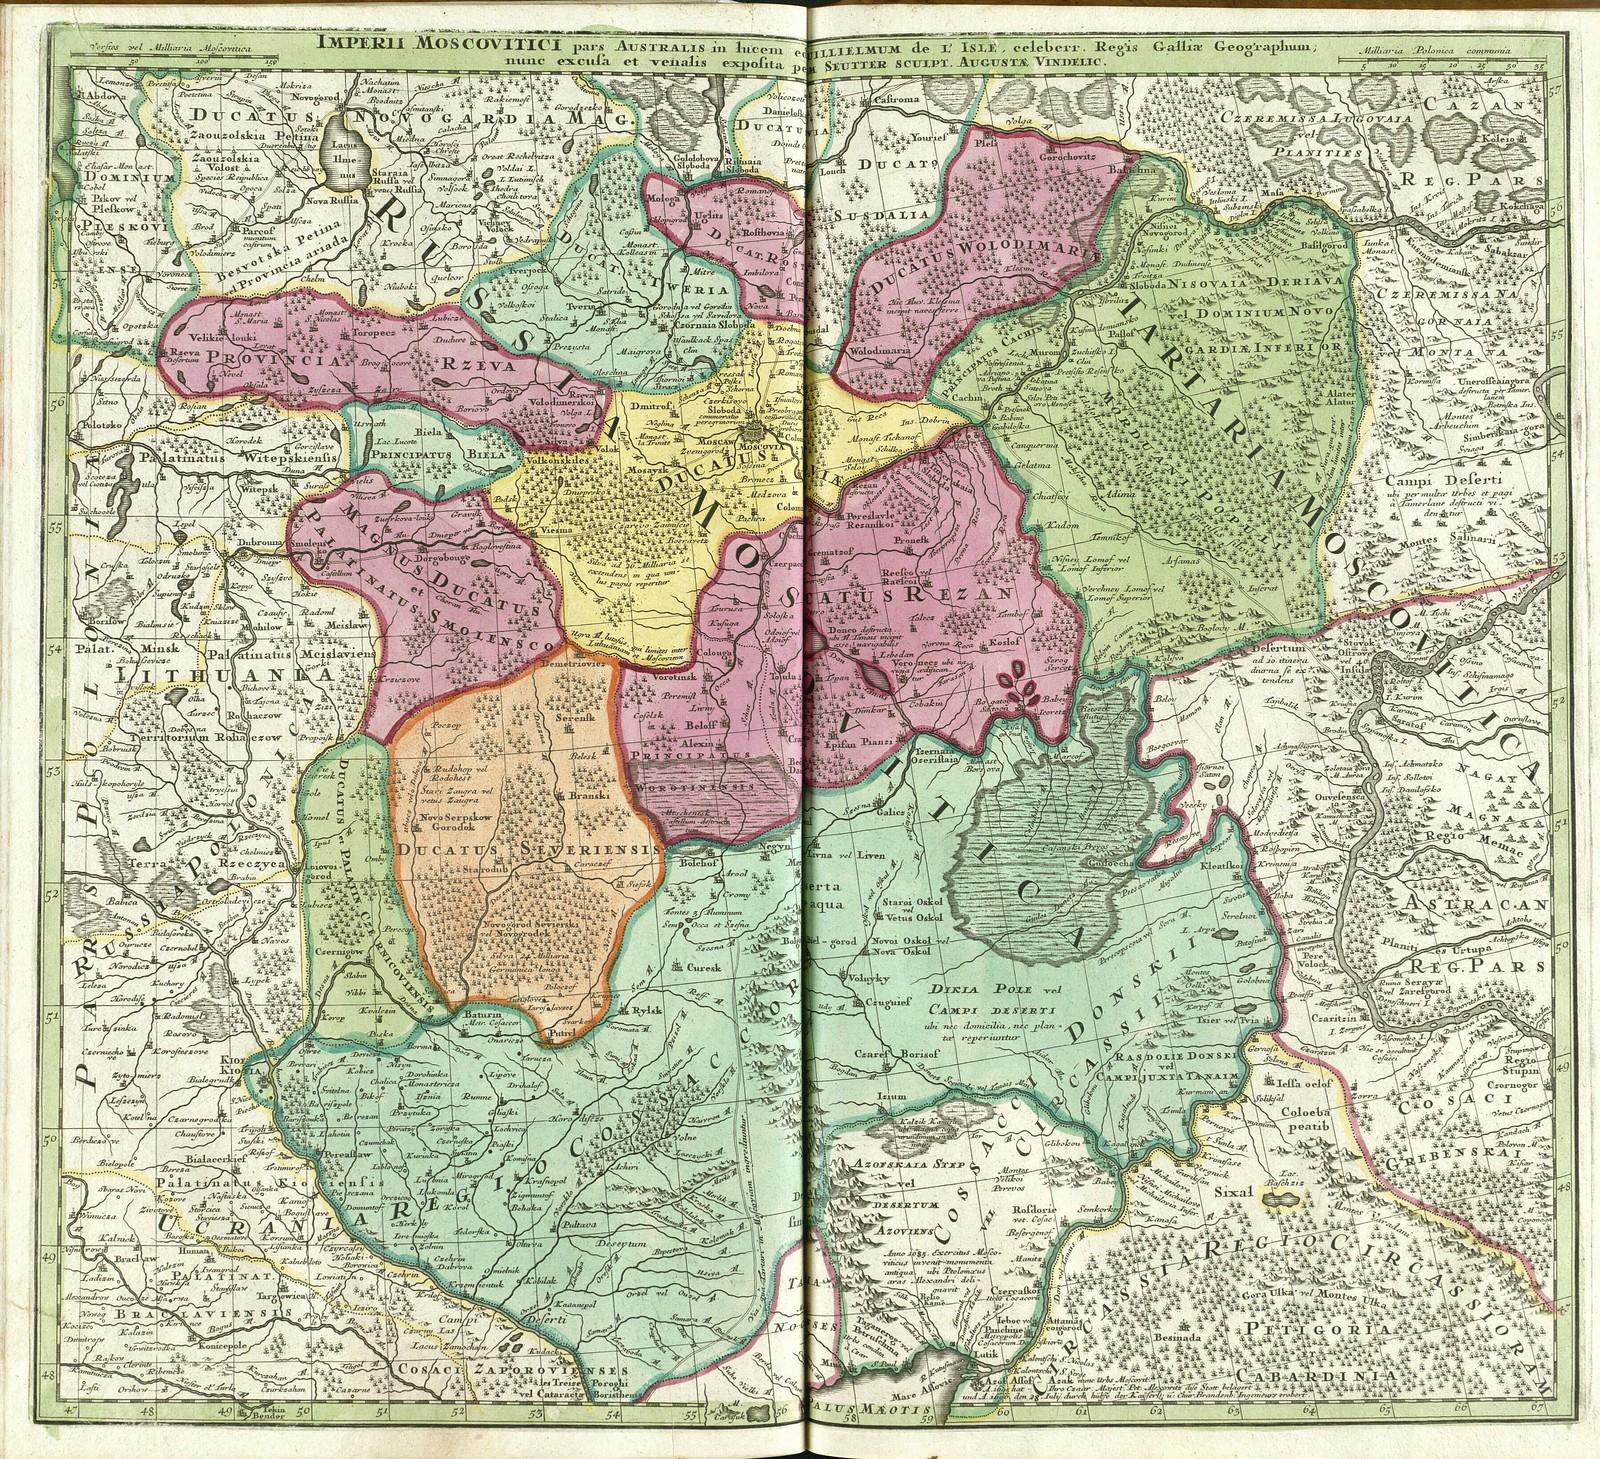 1730. Южная часть Московской империи. Мэтью Л'Иль, Гийом де Сойтер, Аугсбург, Германия